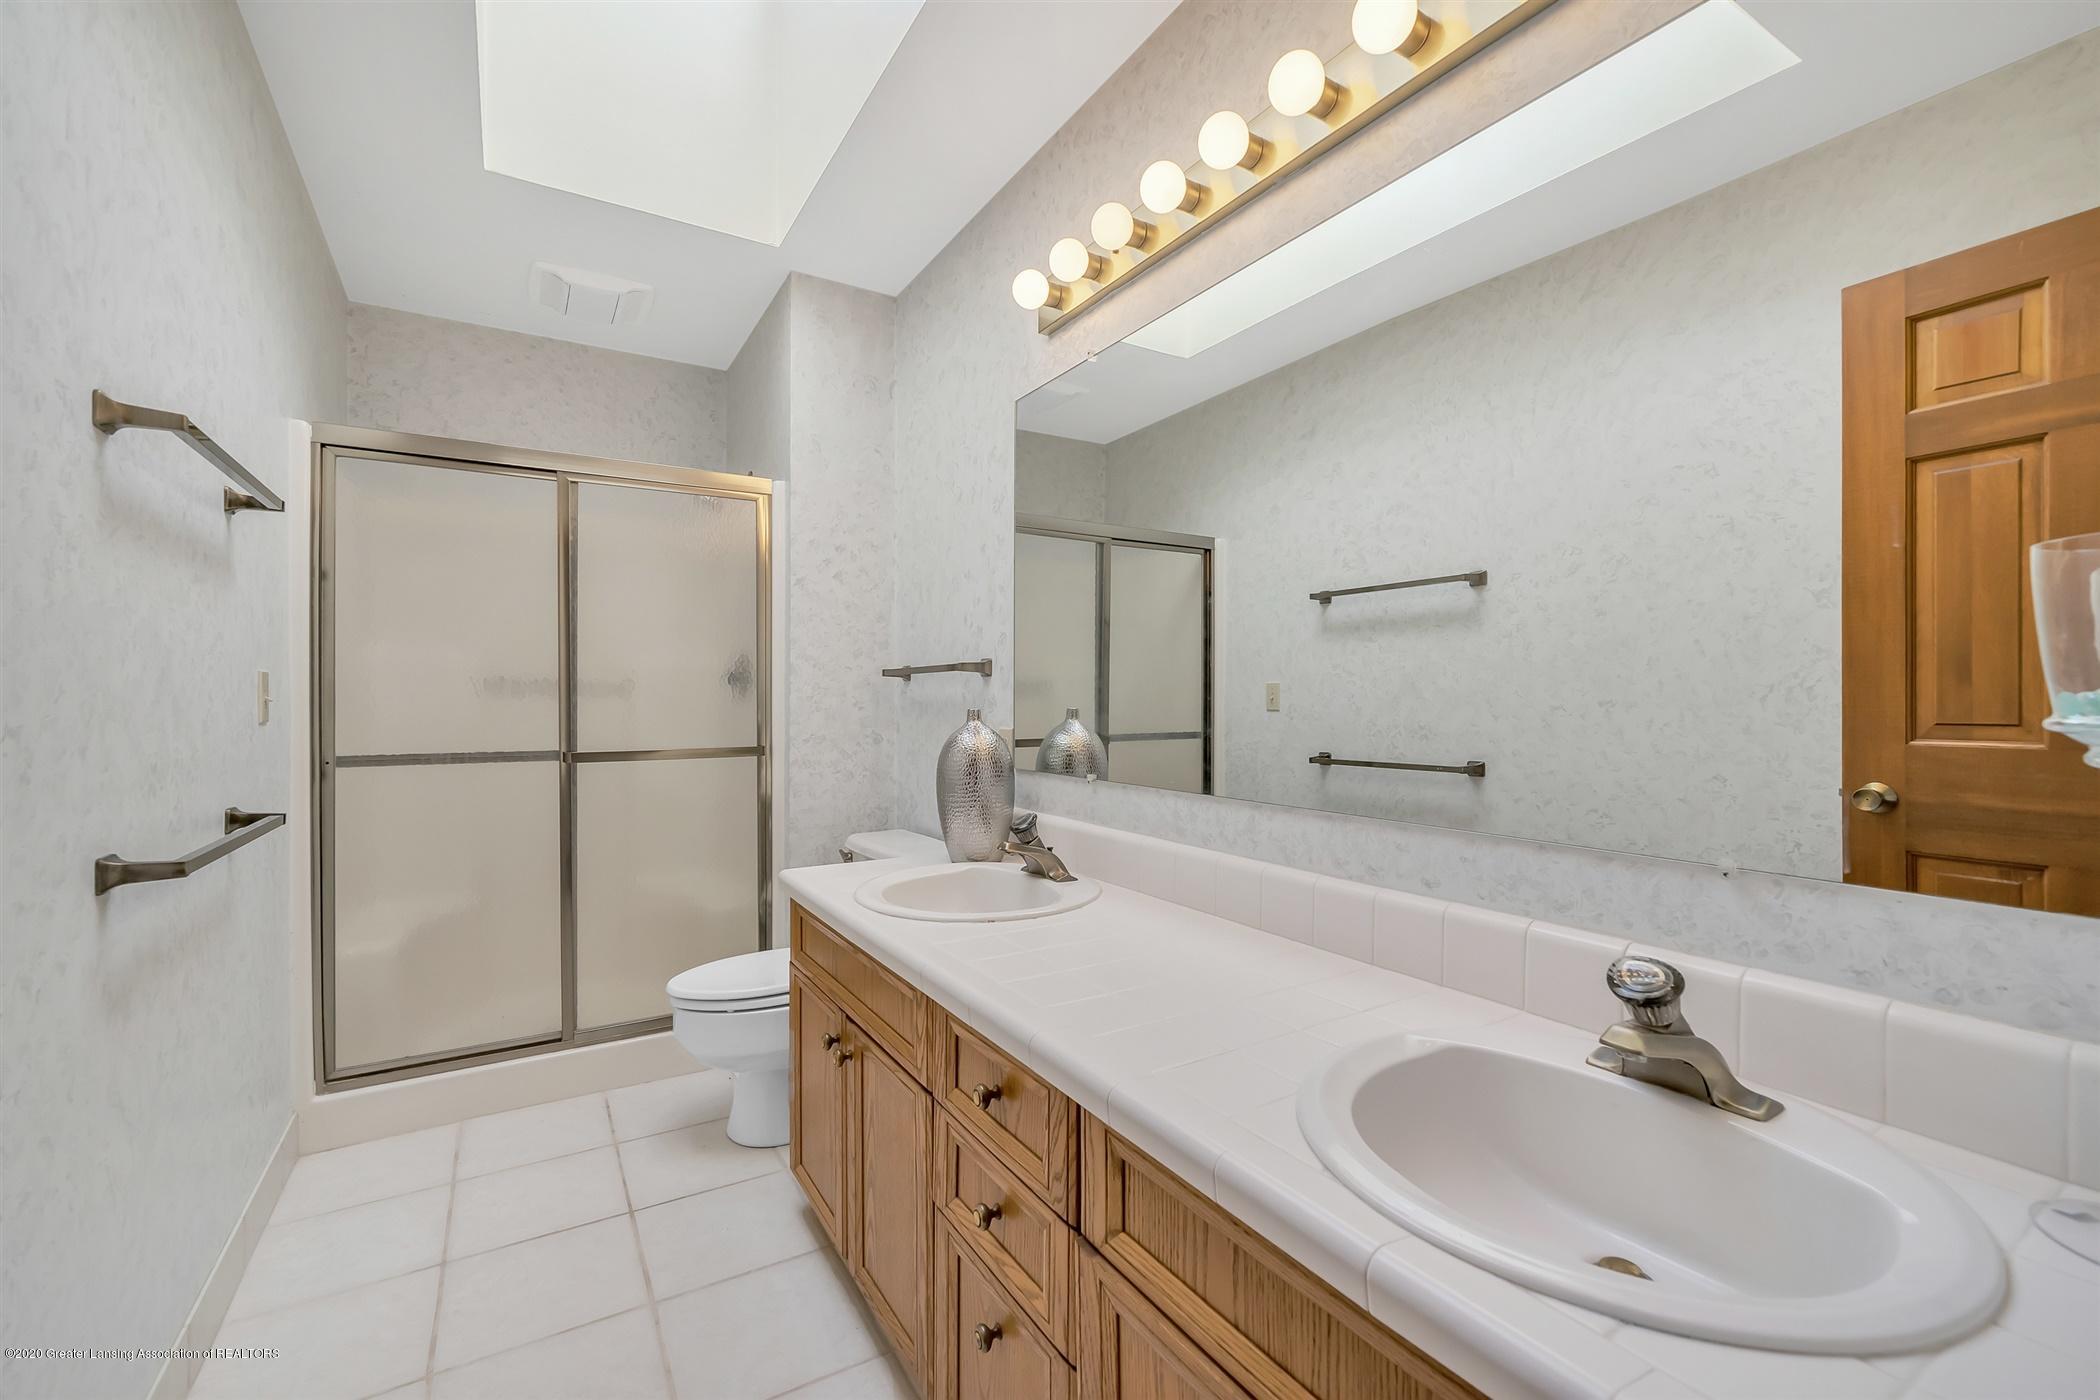 2275 Bravender Rd - SECOND FLOOR Full Bathroom - 26